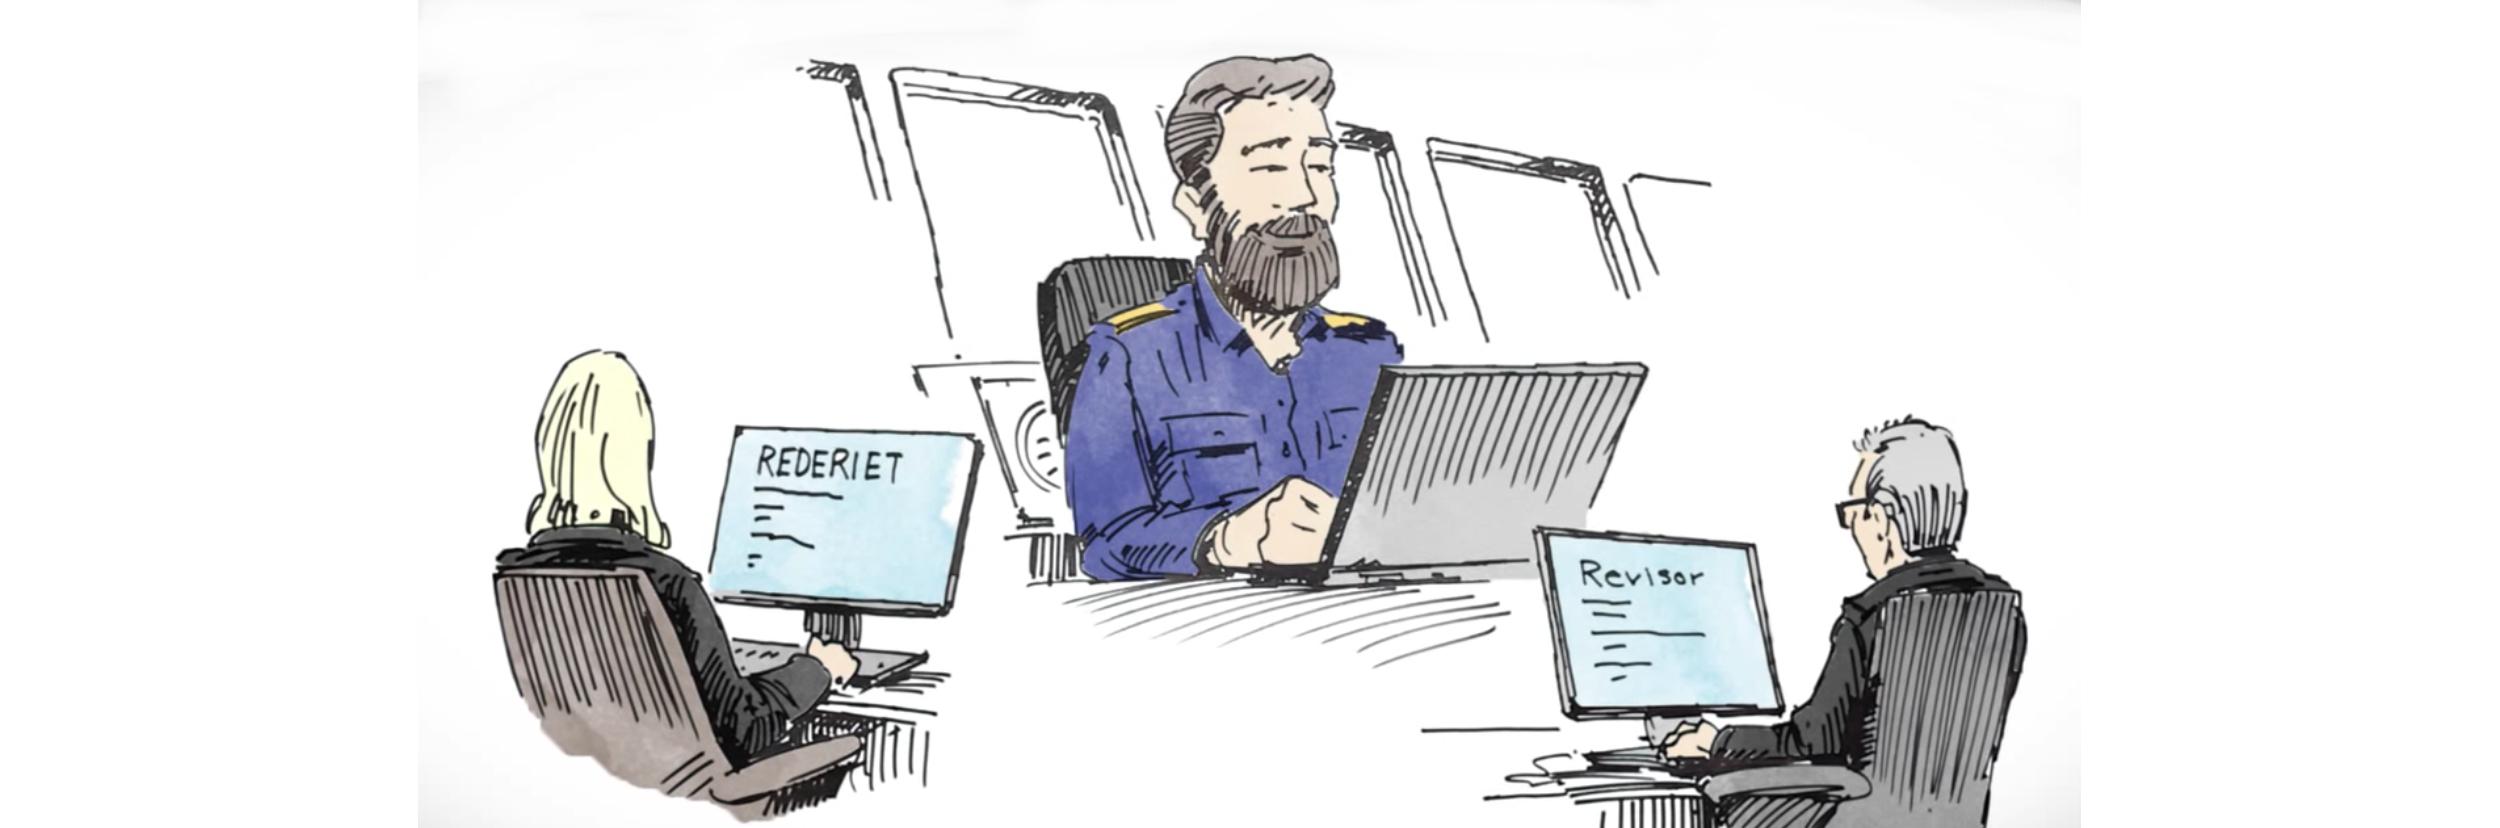 ISM Sikkerhetstyring med tilgang for alle